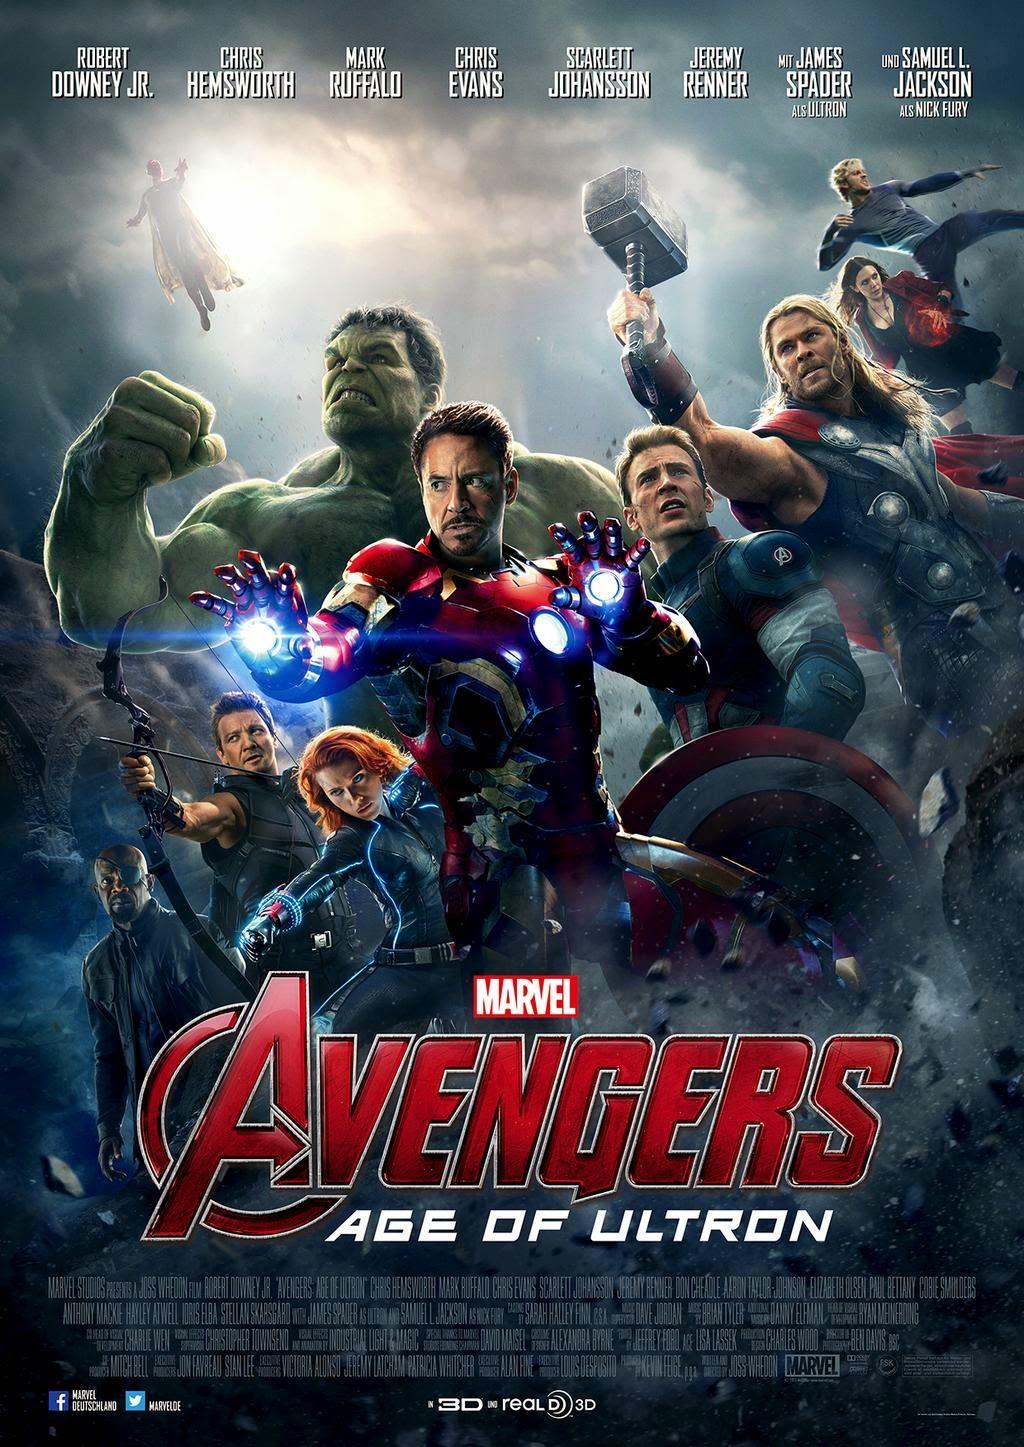 eea20076af4 O segundo filme dos heróis mais poderosos da Terra começa em um ritmo  completamente diferente do anterior. A equipe já se encontra reunida em uma  missão que ...